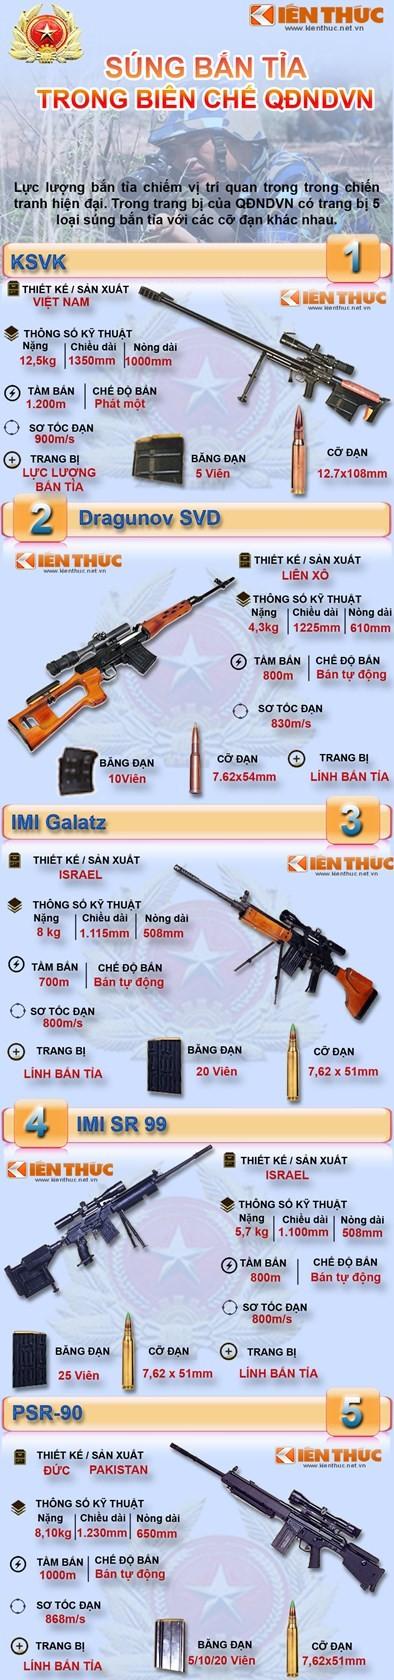 [ĐỒ HỌA]: Các sát thủ bắn tỉa của Việt Nam ảnh 1